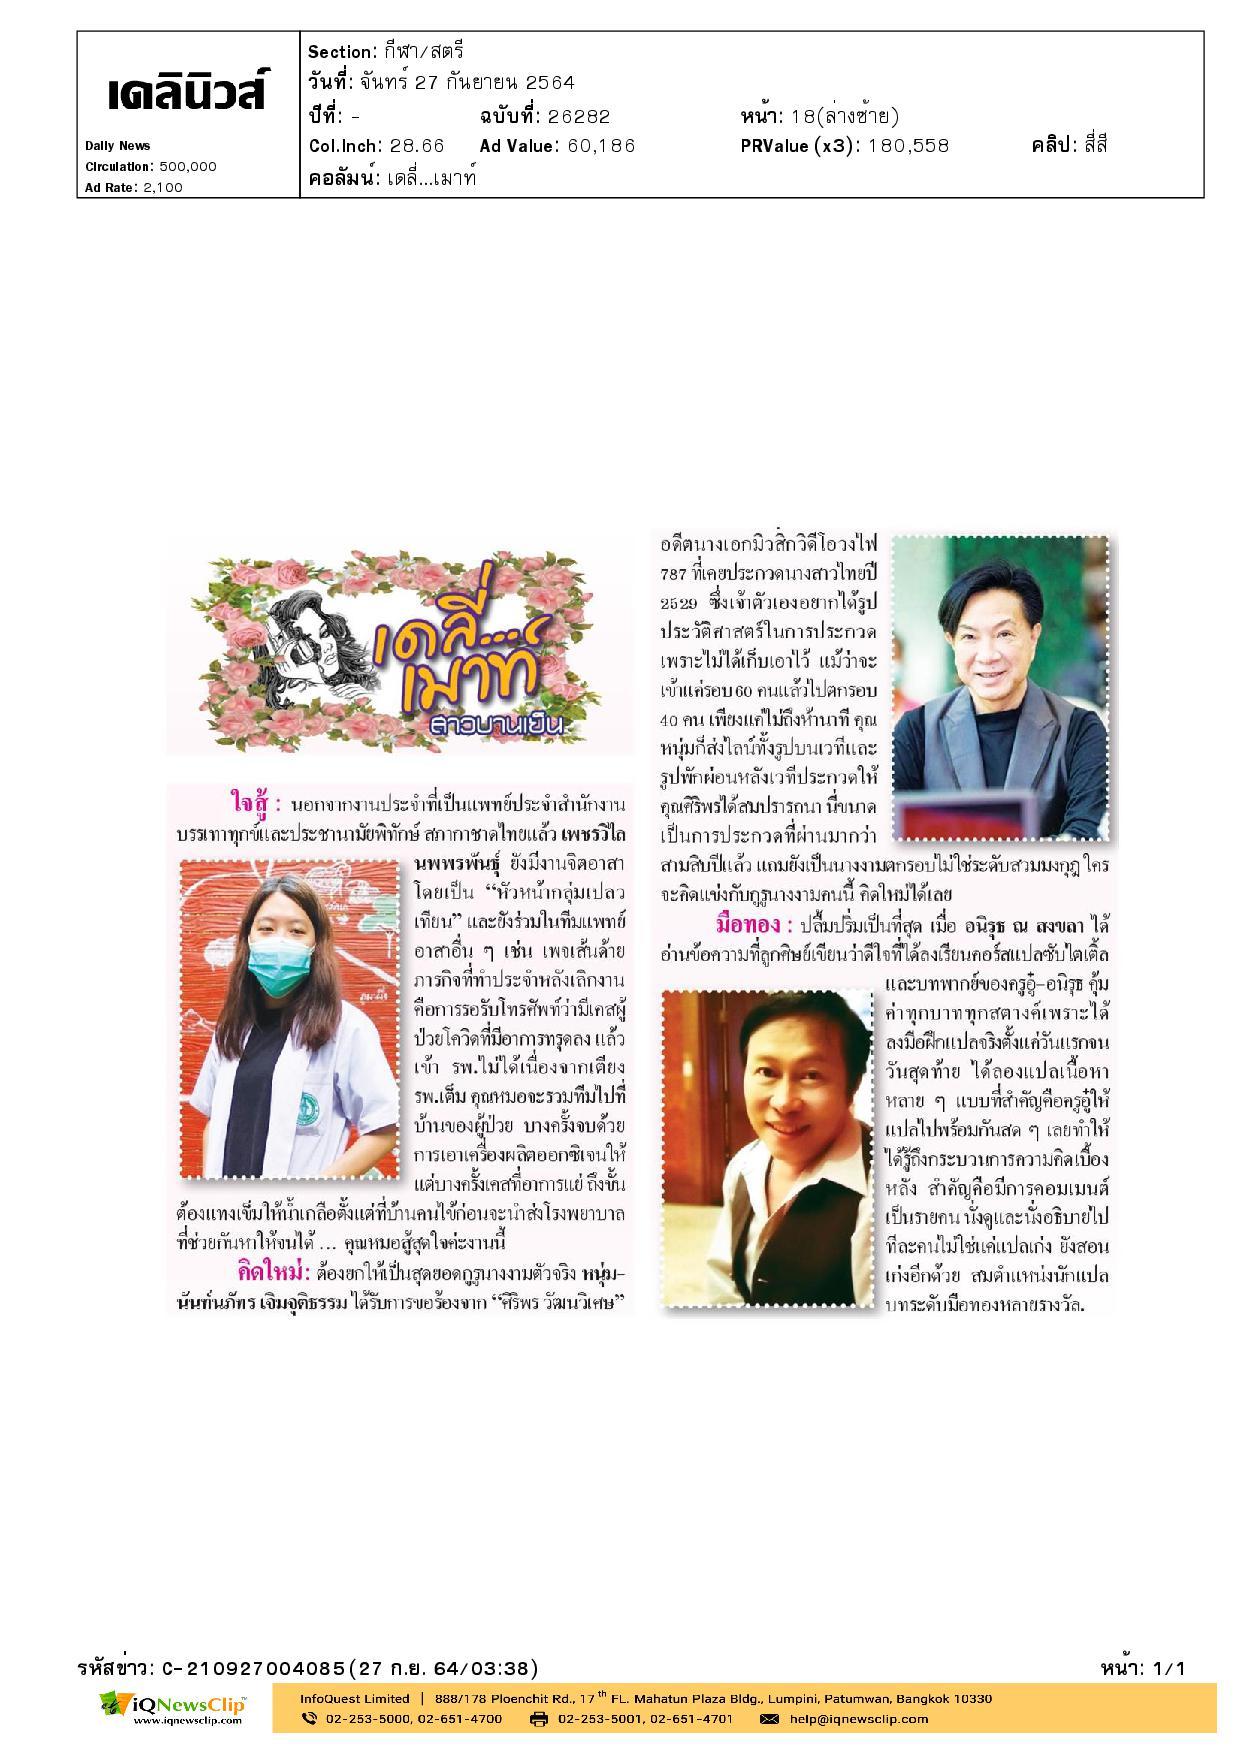 แพทย์ประจำสำนักงานบรรเทาทุกข์และประชานามัยพิทักษ์ สภากาชาดไทย ร่วมเป็นทีมแพทย์อาสา